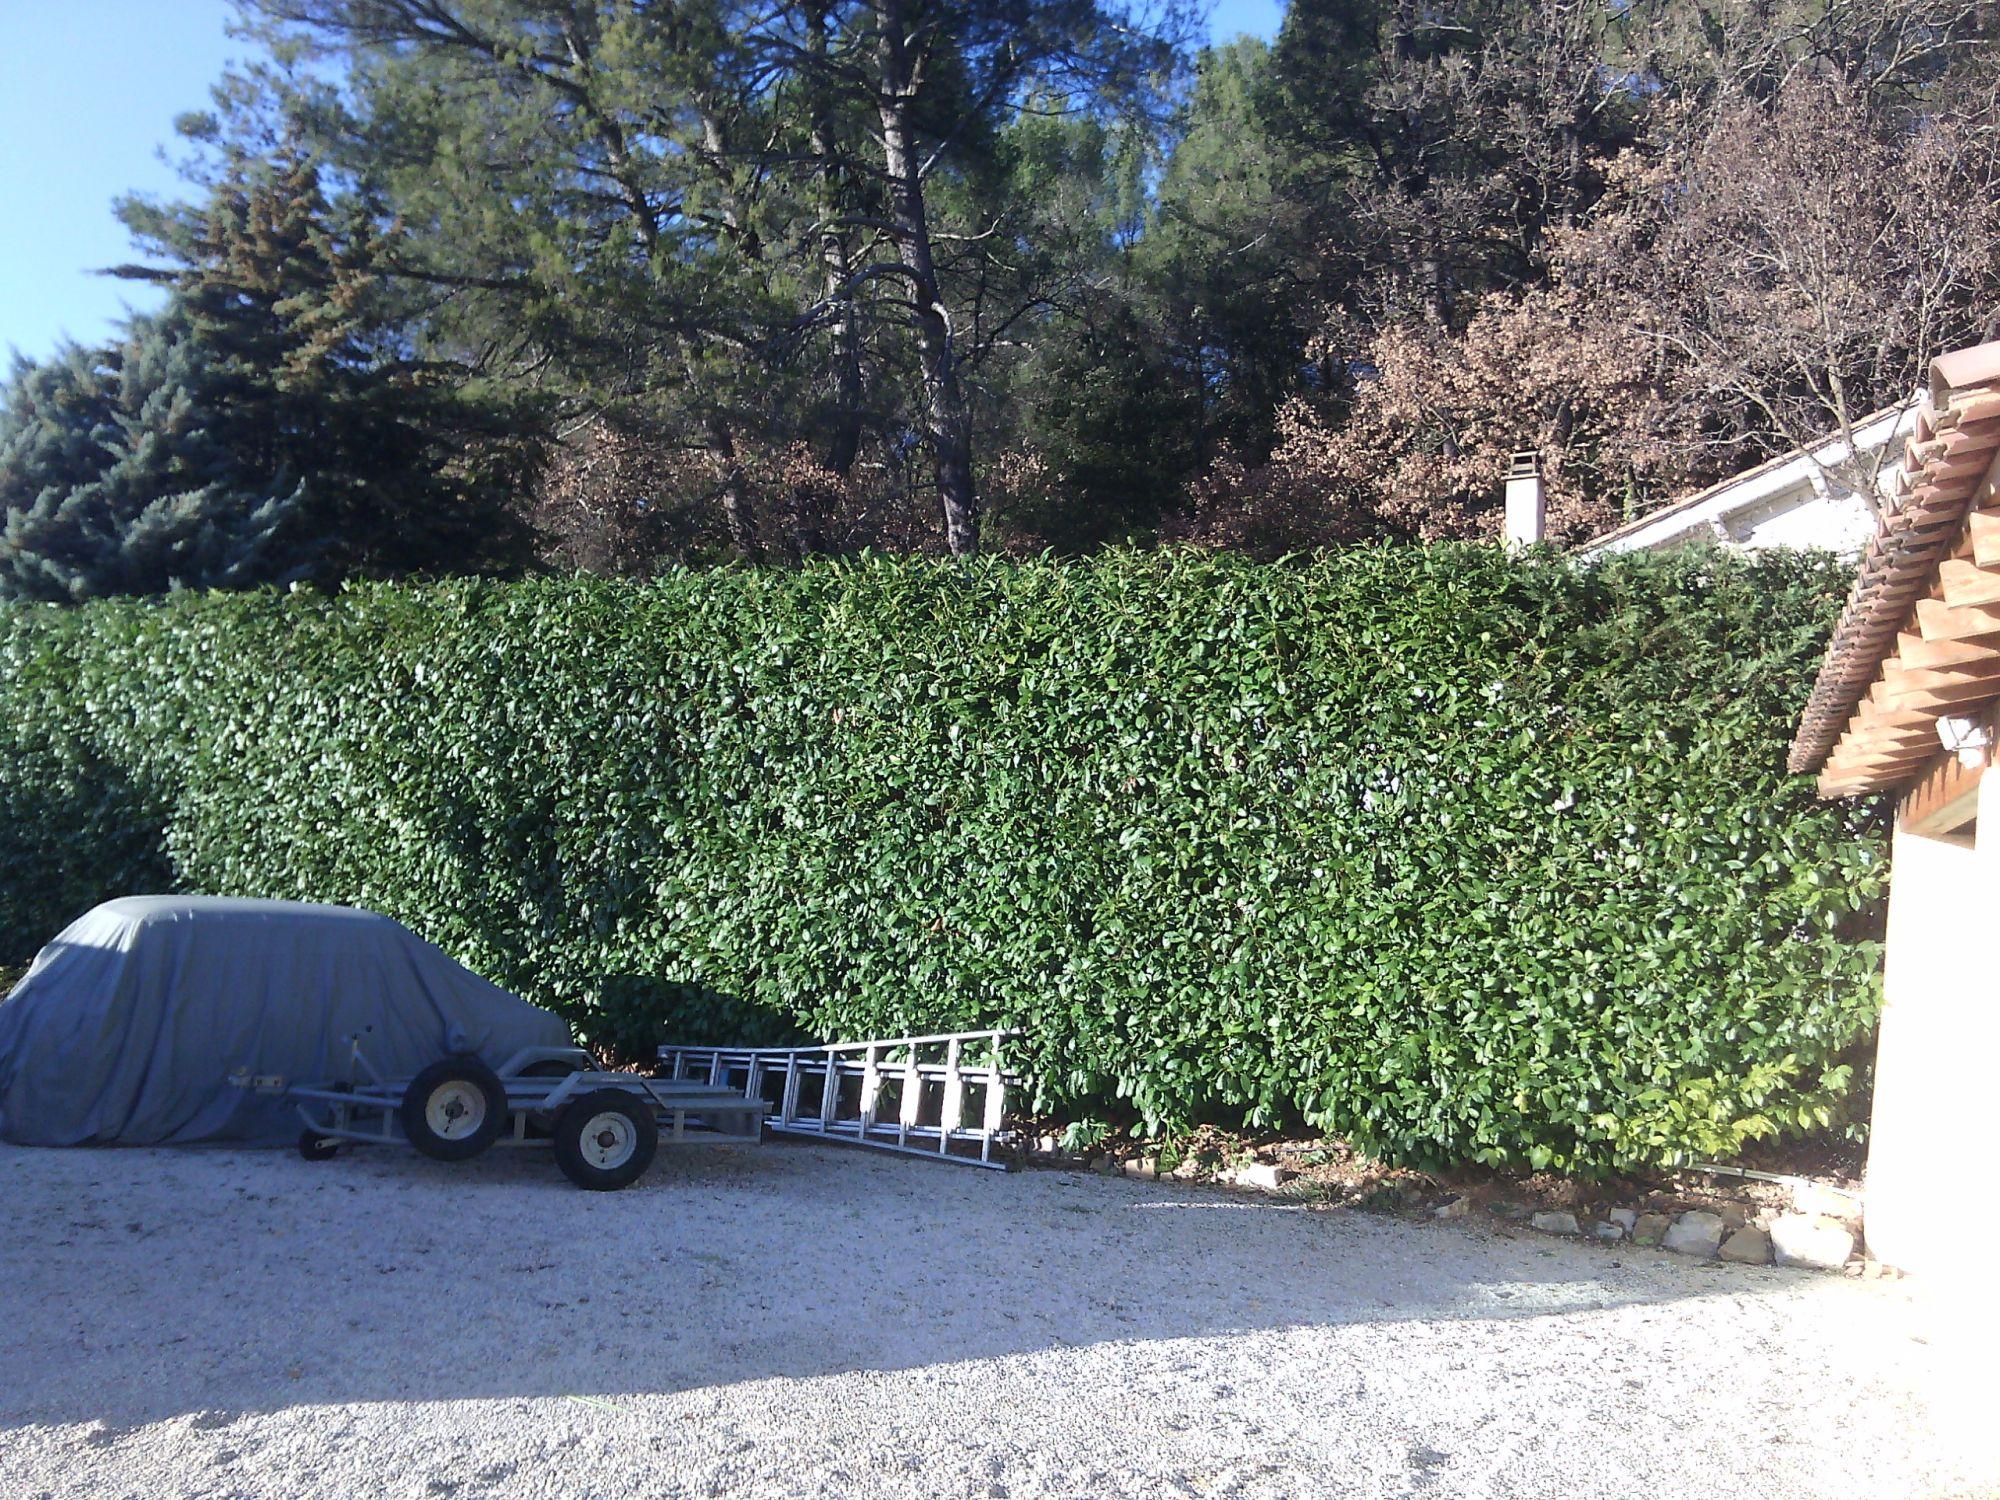 Jardin nans les pins entretenu par jade espaces verts for Espace vert toulon